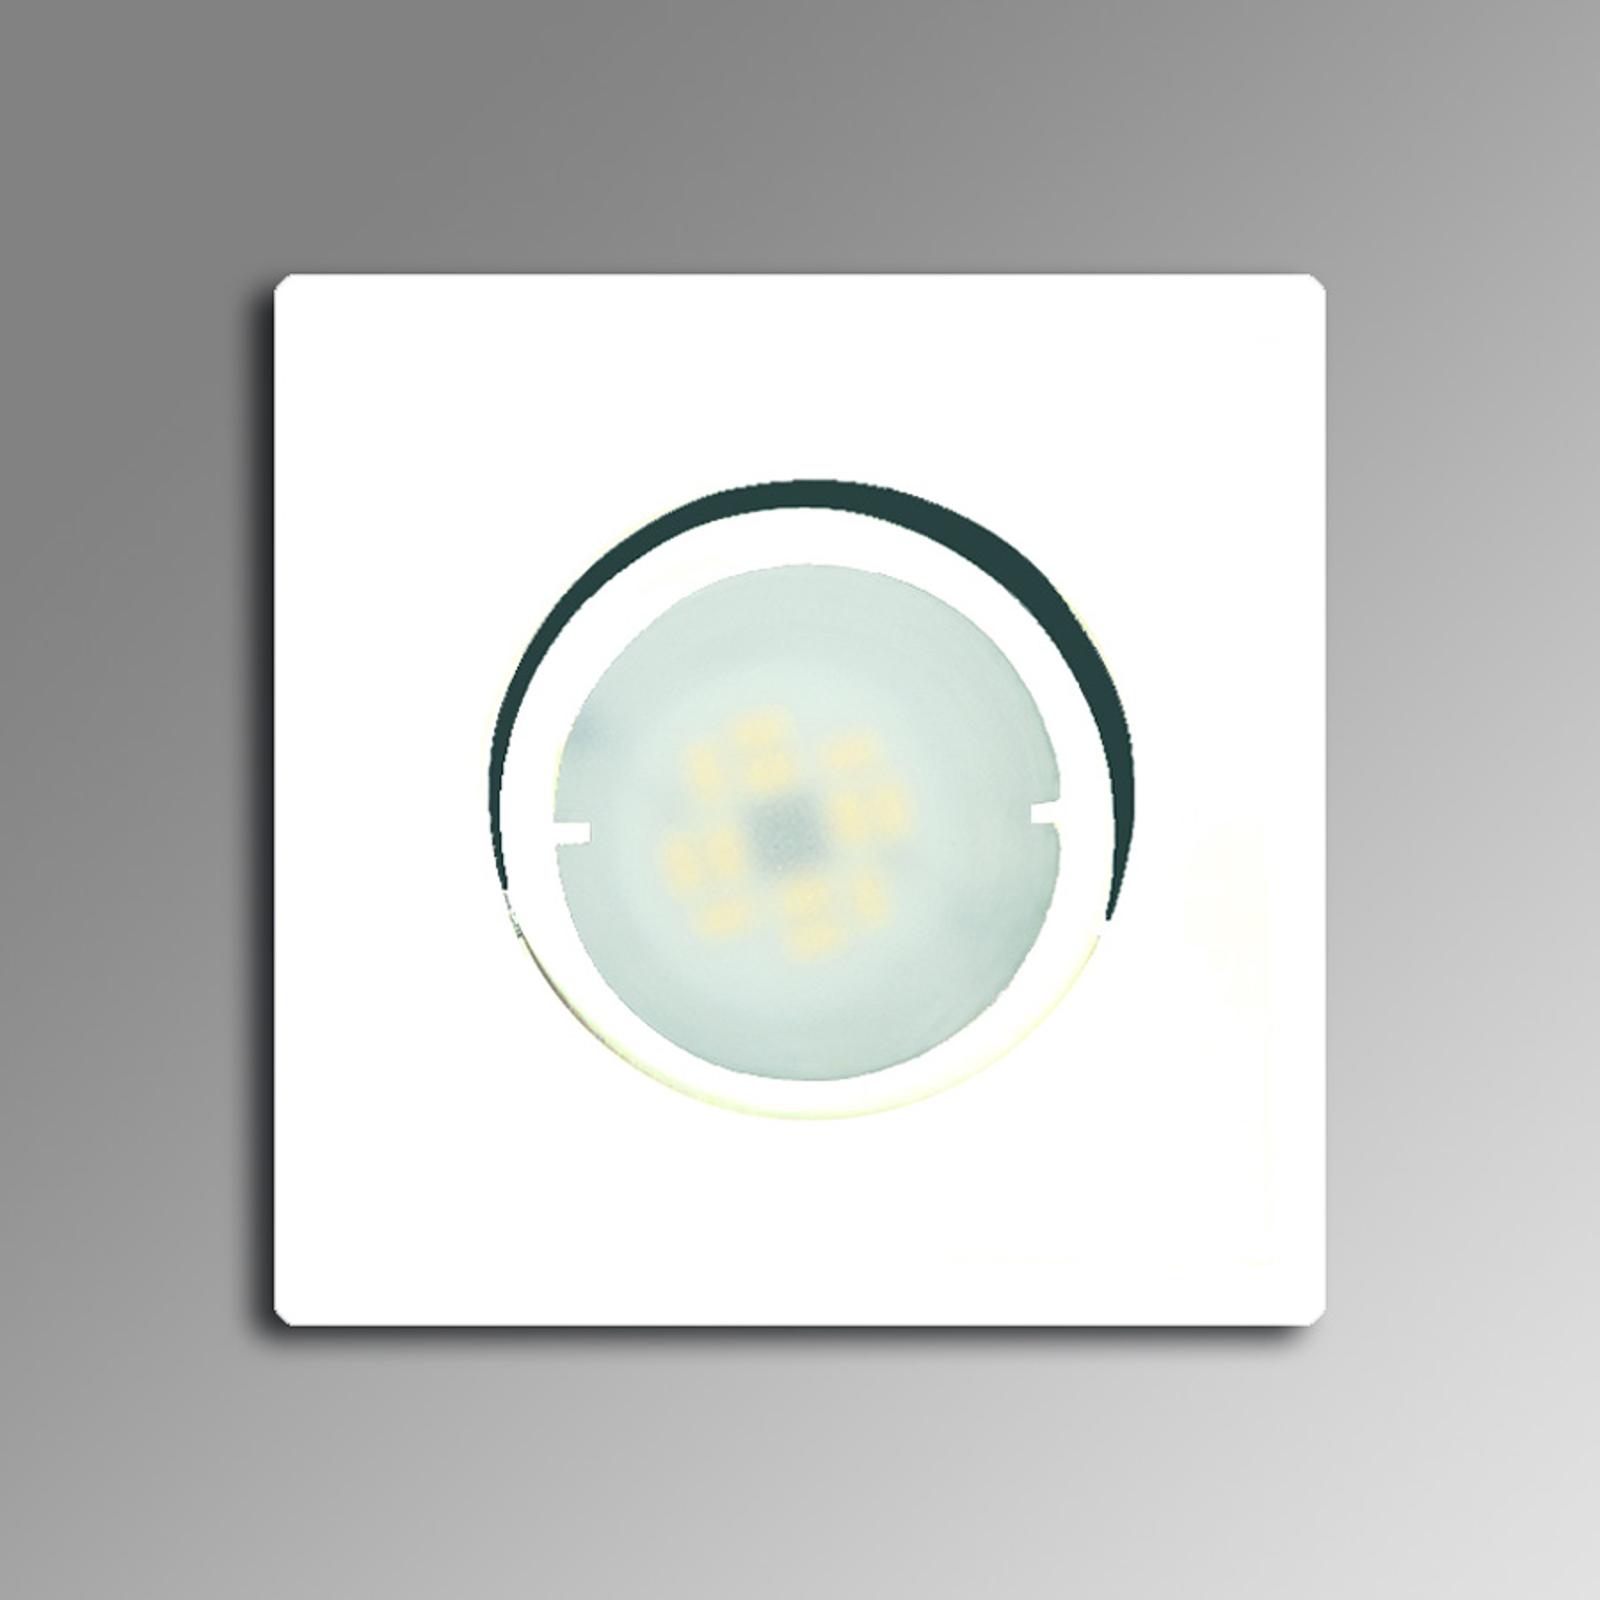 Bílé LED podhledové svítidlo Joanie, otočné